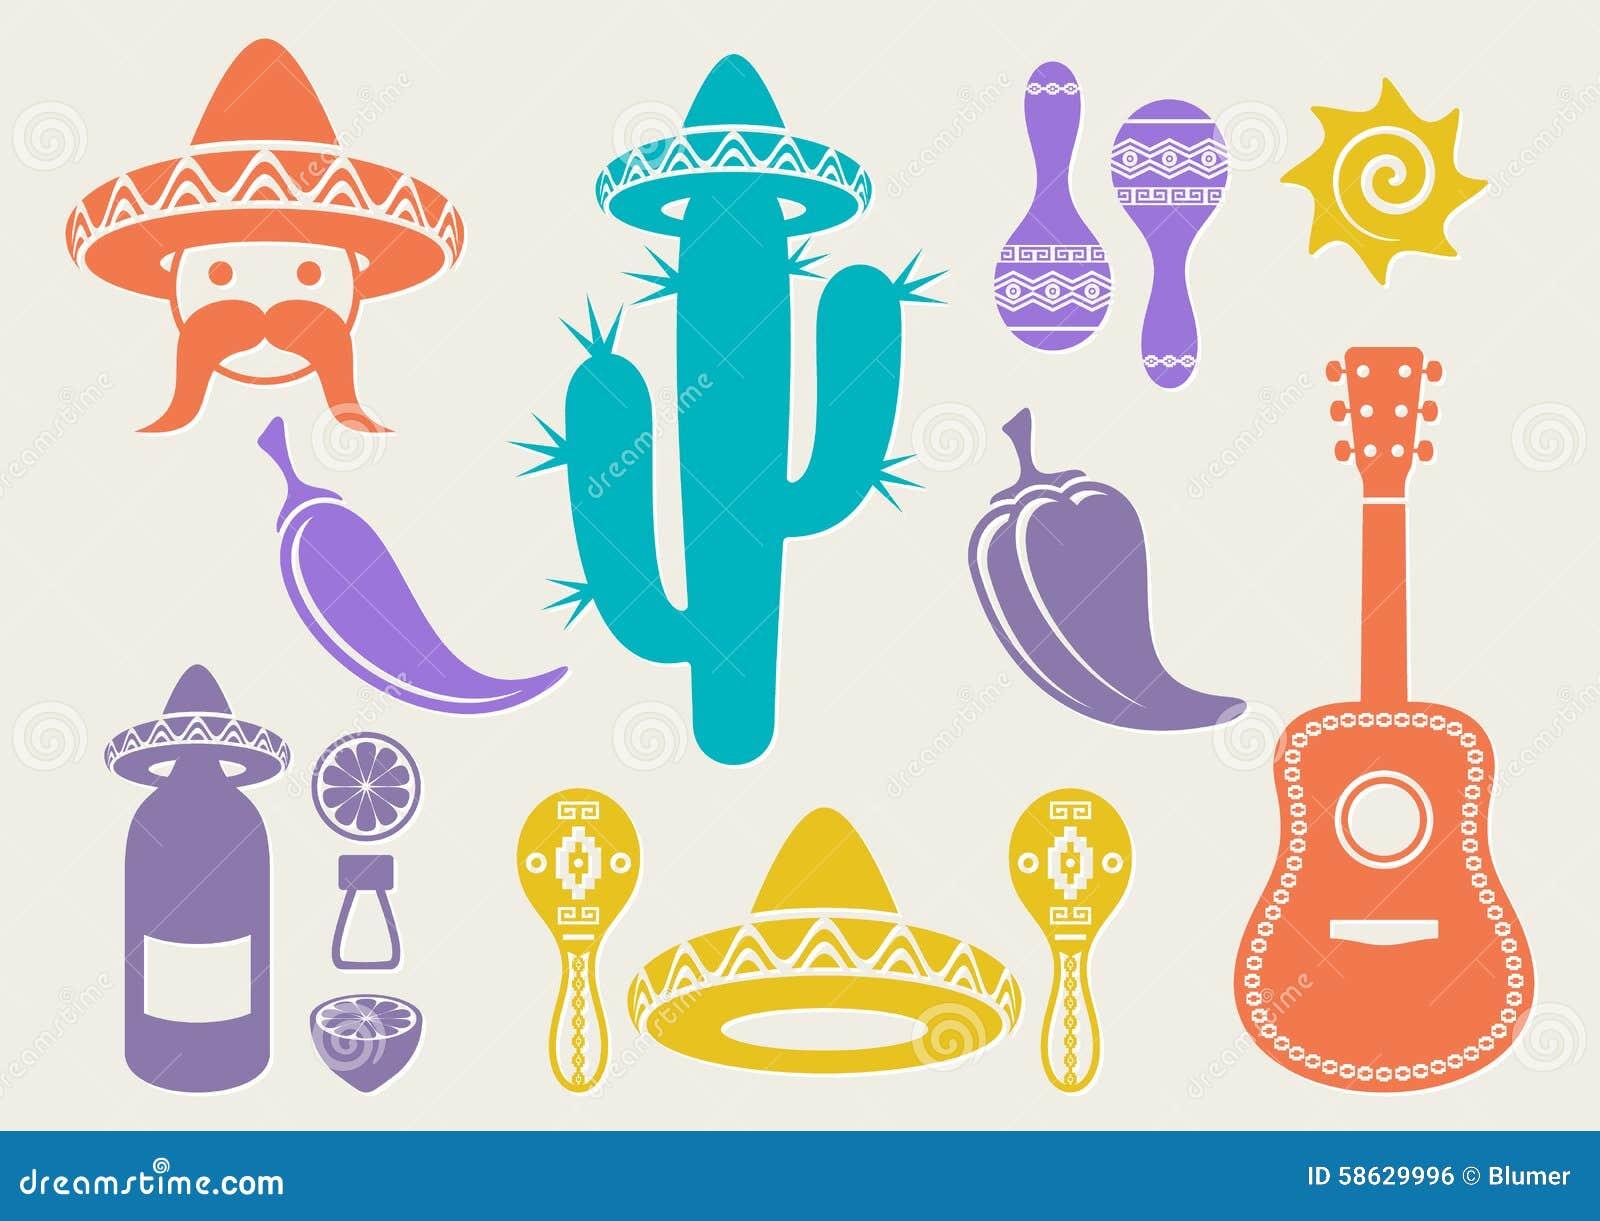 Meksyk sylwetki ikony